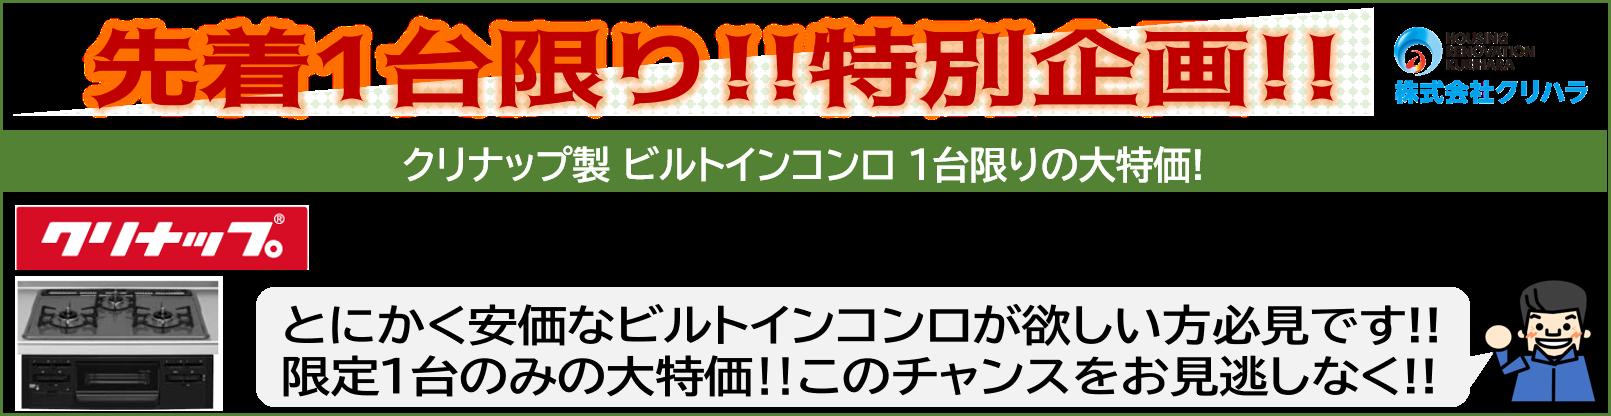 【緊急企画】【1台限り】クリナップ ビルトインコンロが工事パックで大特価!